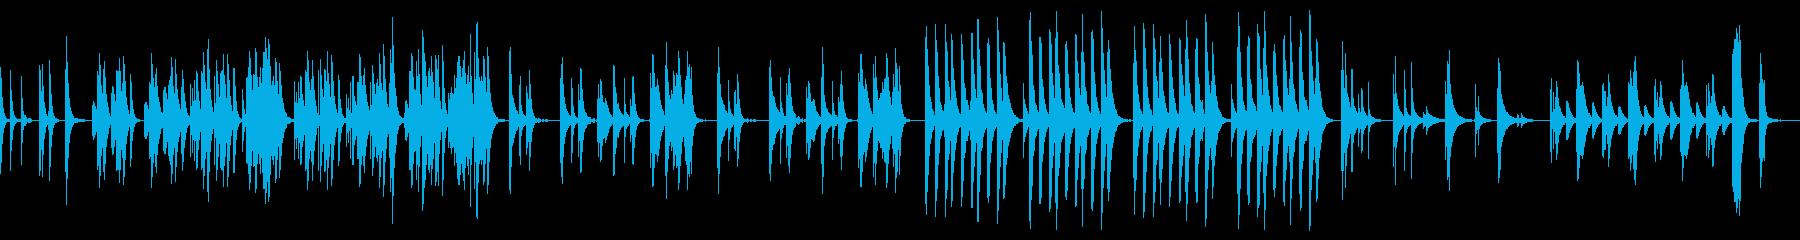 シンプルでゆるく明るいマリンバとウクレレの再生済みの波形